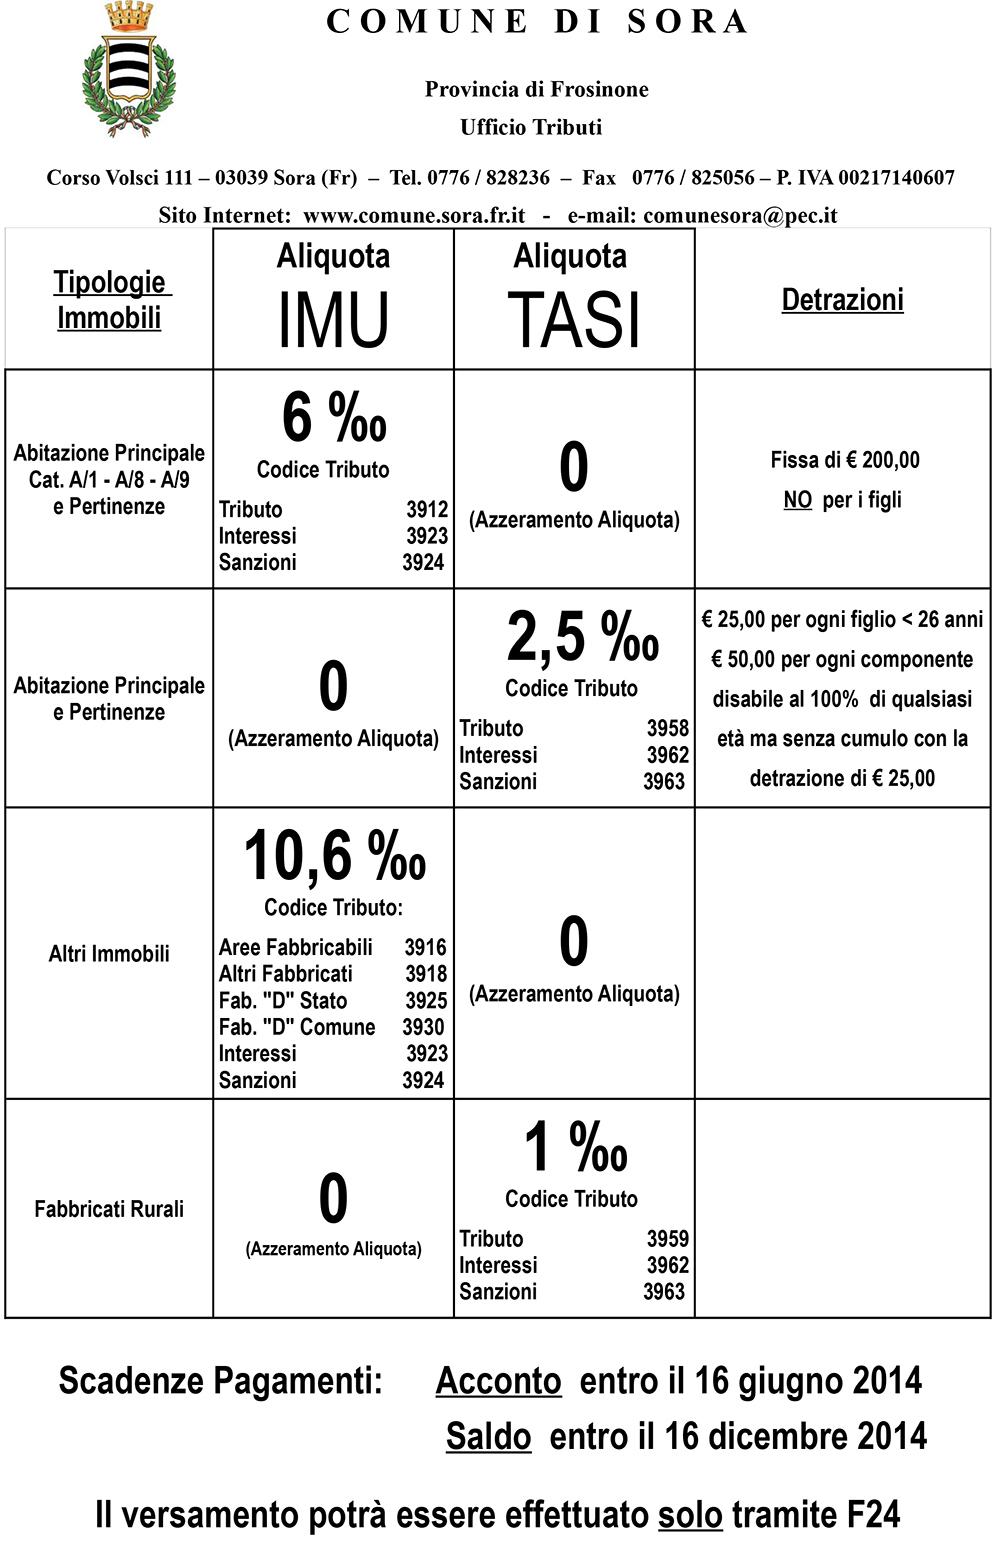 SORA WEB - 779 - IMU E TASI IL CONSIGLIO COMUNALE DELIBERA QUOTE E REGOLAMENTO Tabella